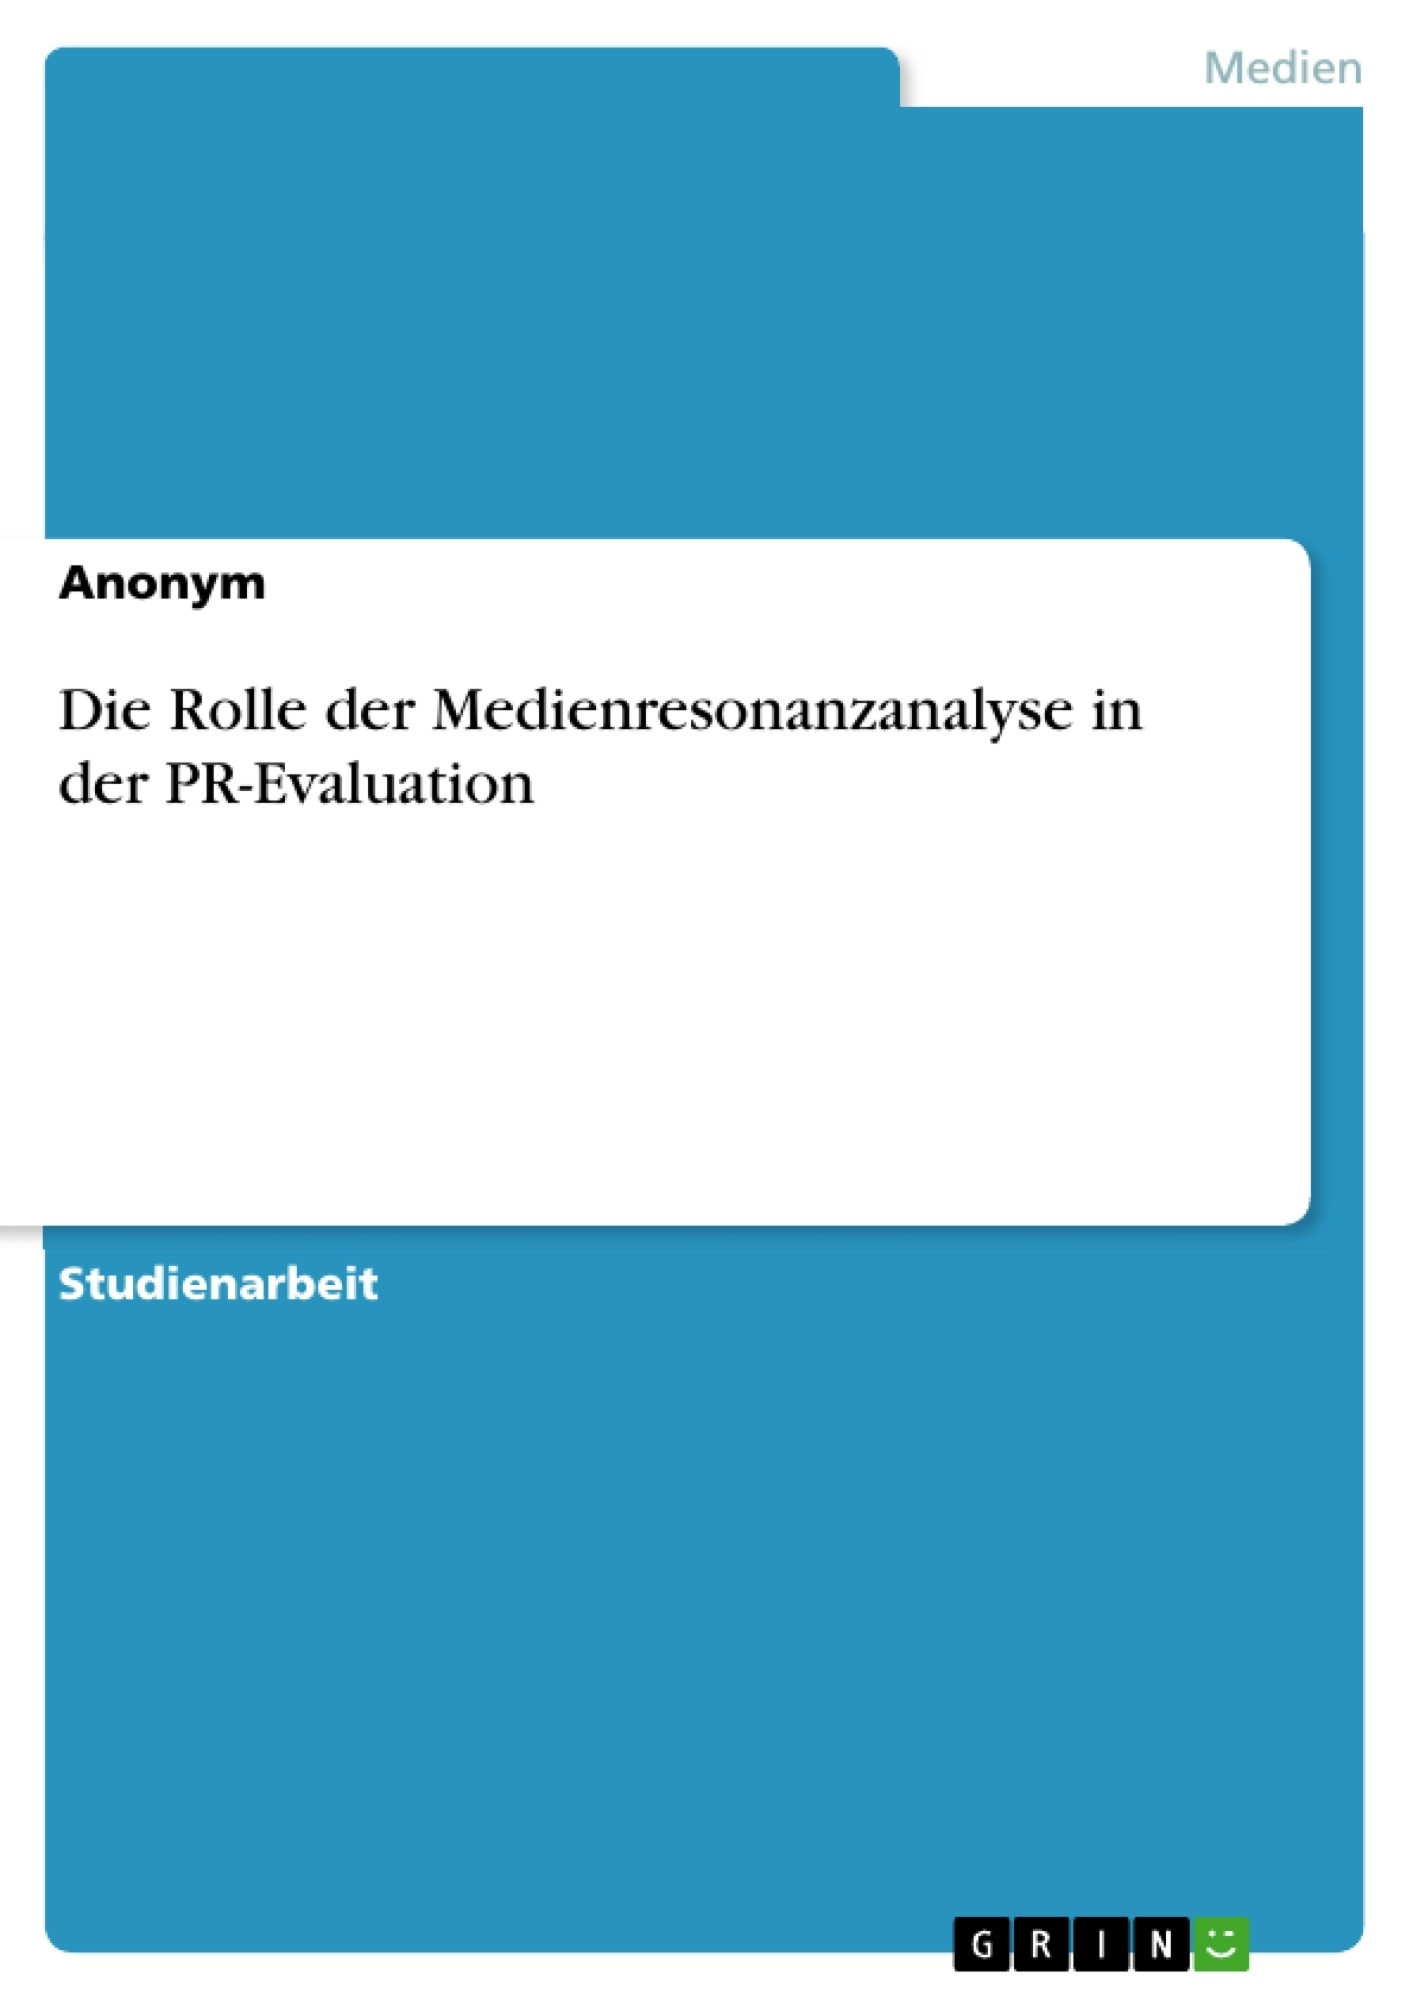 Titel: Die Rolle der Medienresonanzanalyse in der PR-Evaluation